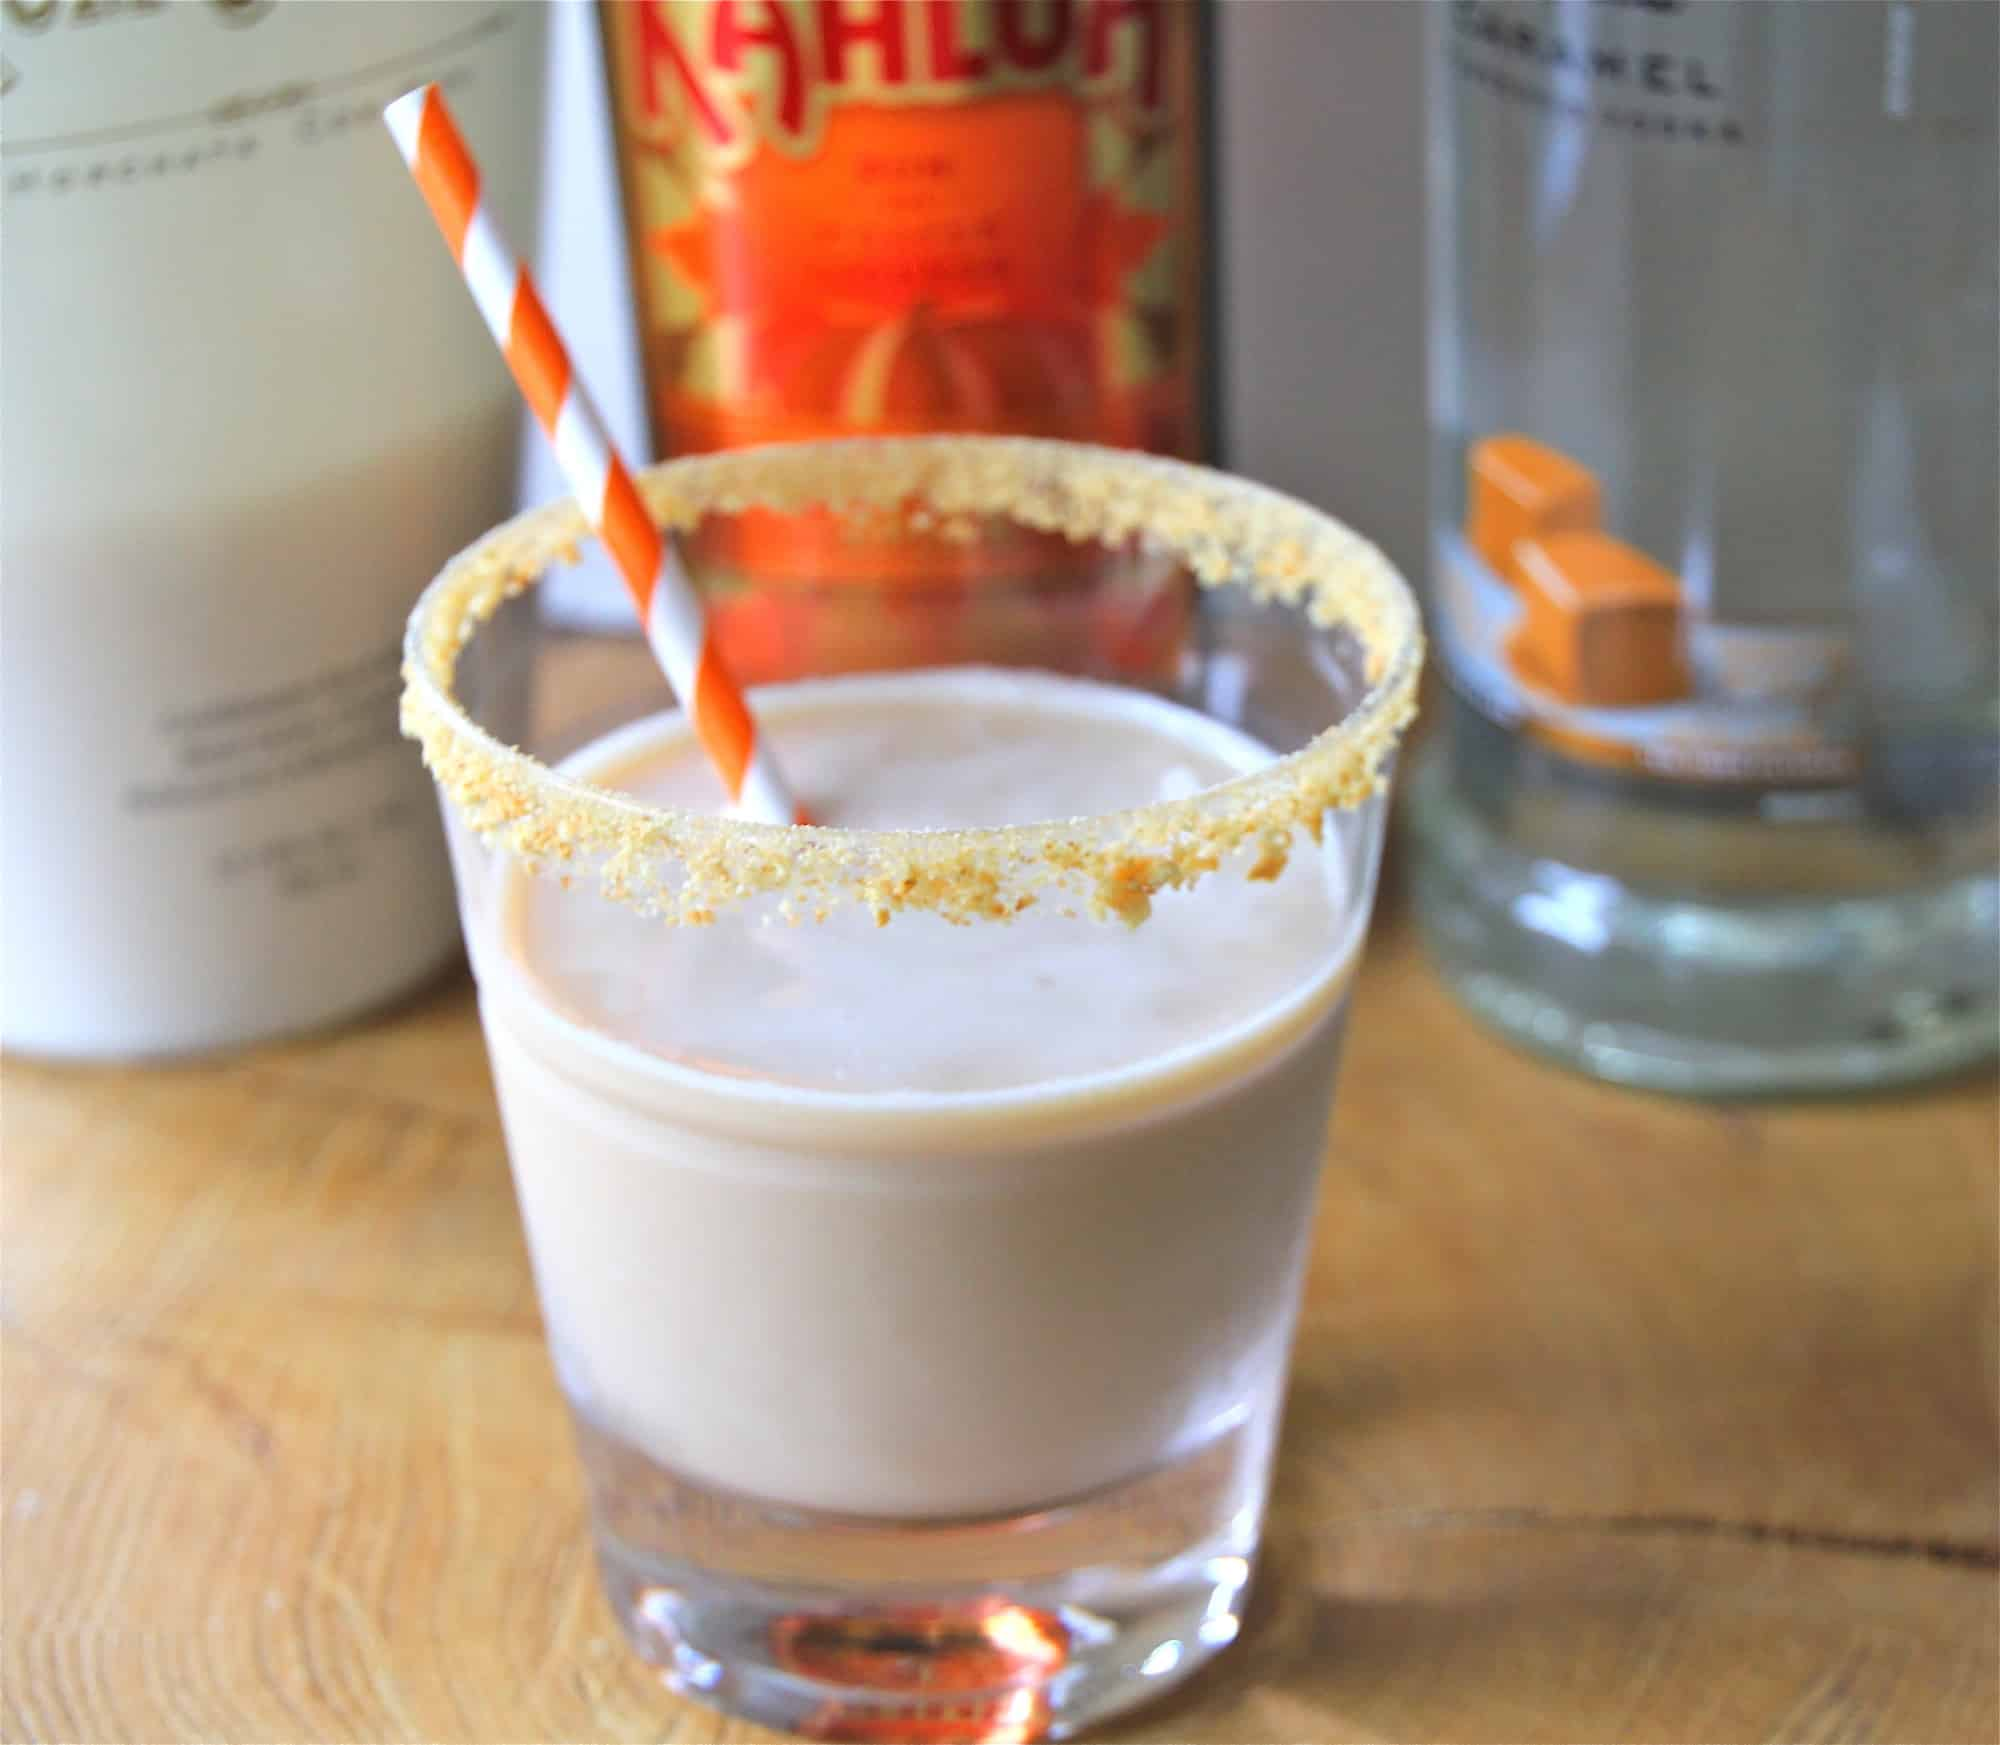 CInnamon spiced pumpkin pie kahlua cocktail